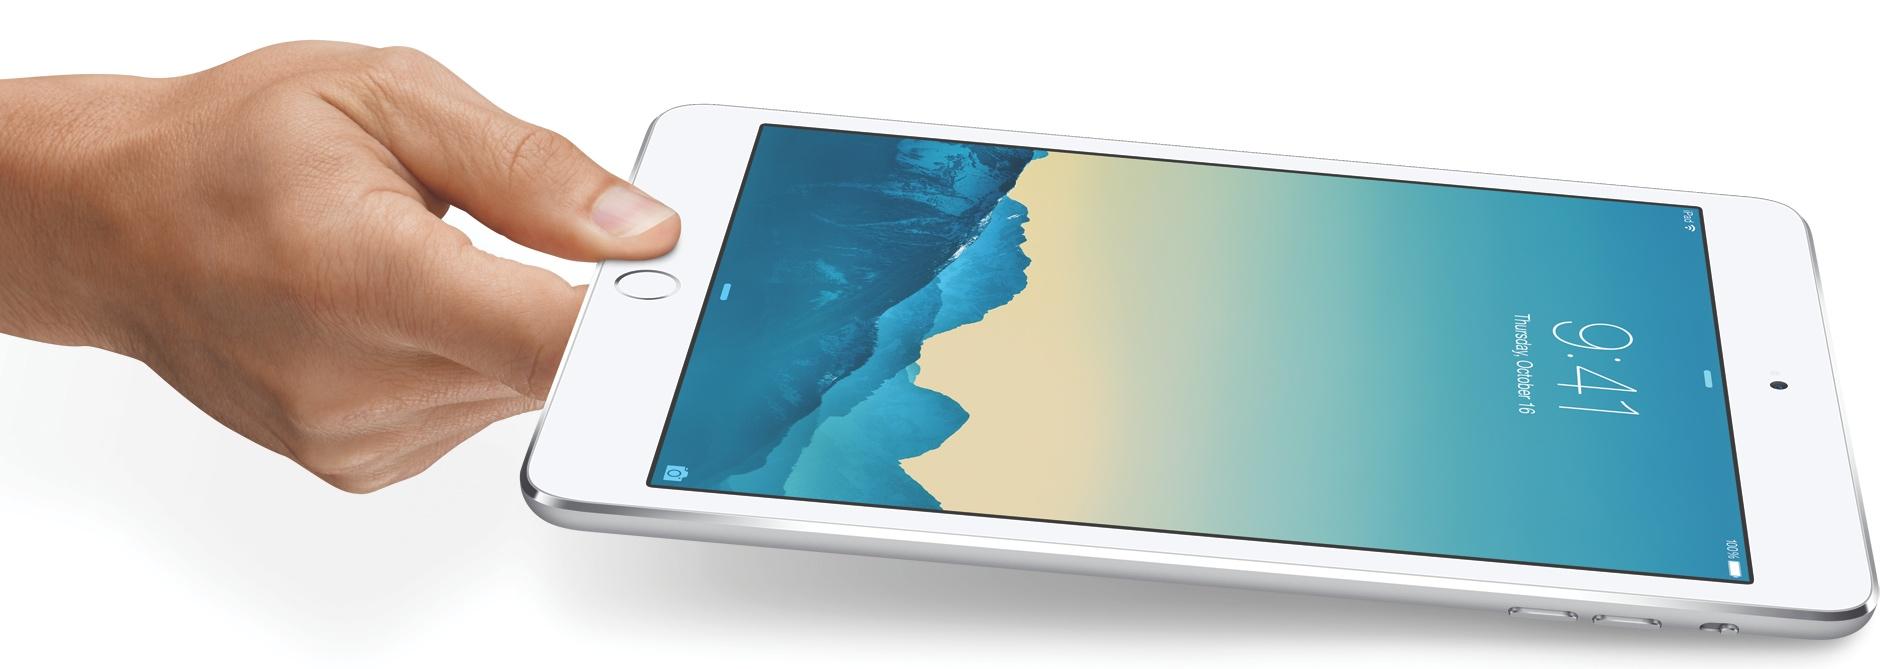 iPad-mini-3-el